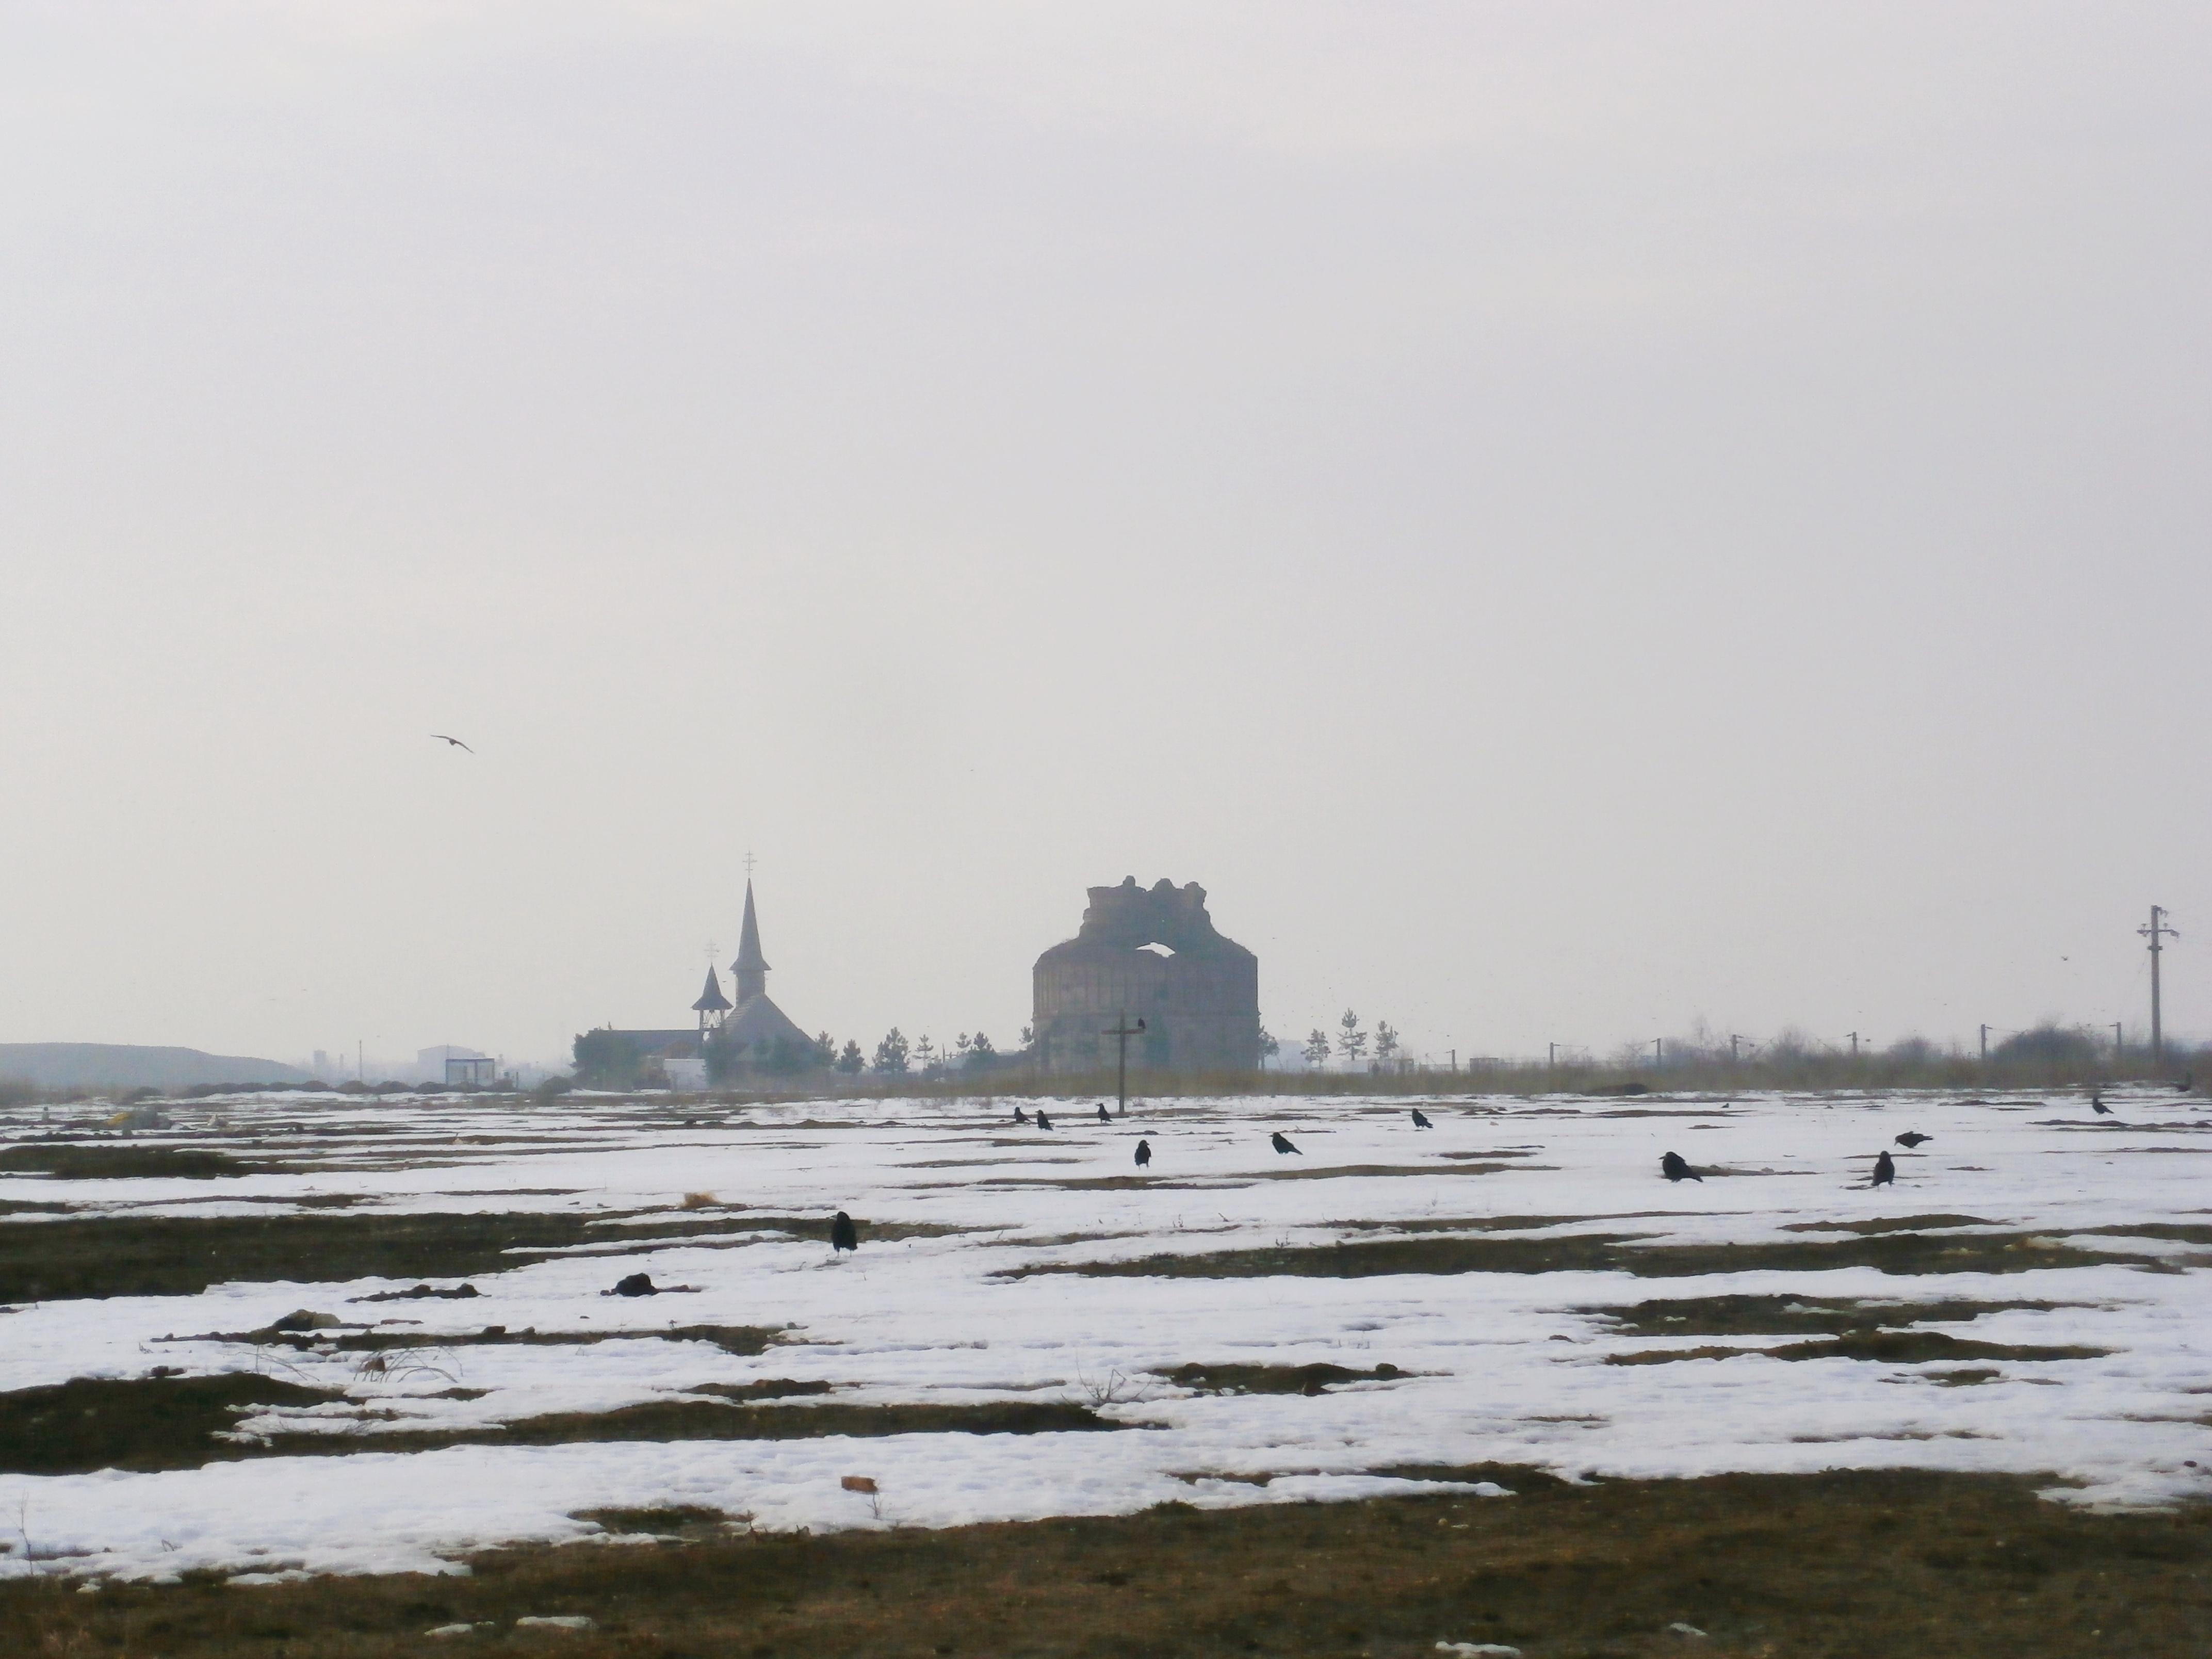 Înainte de a ajunge la ruine, exact în mijloc cămpului este situată o cruce.